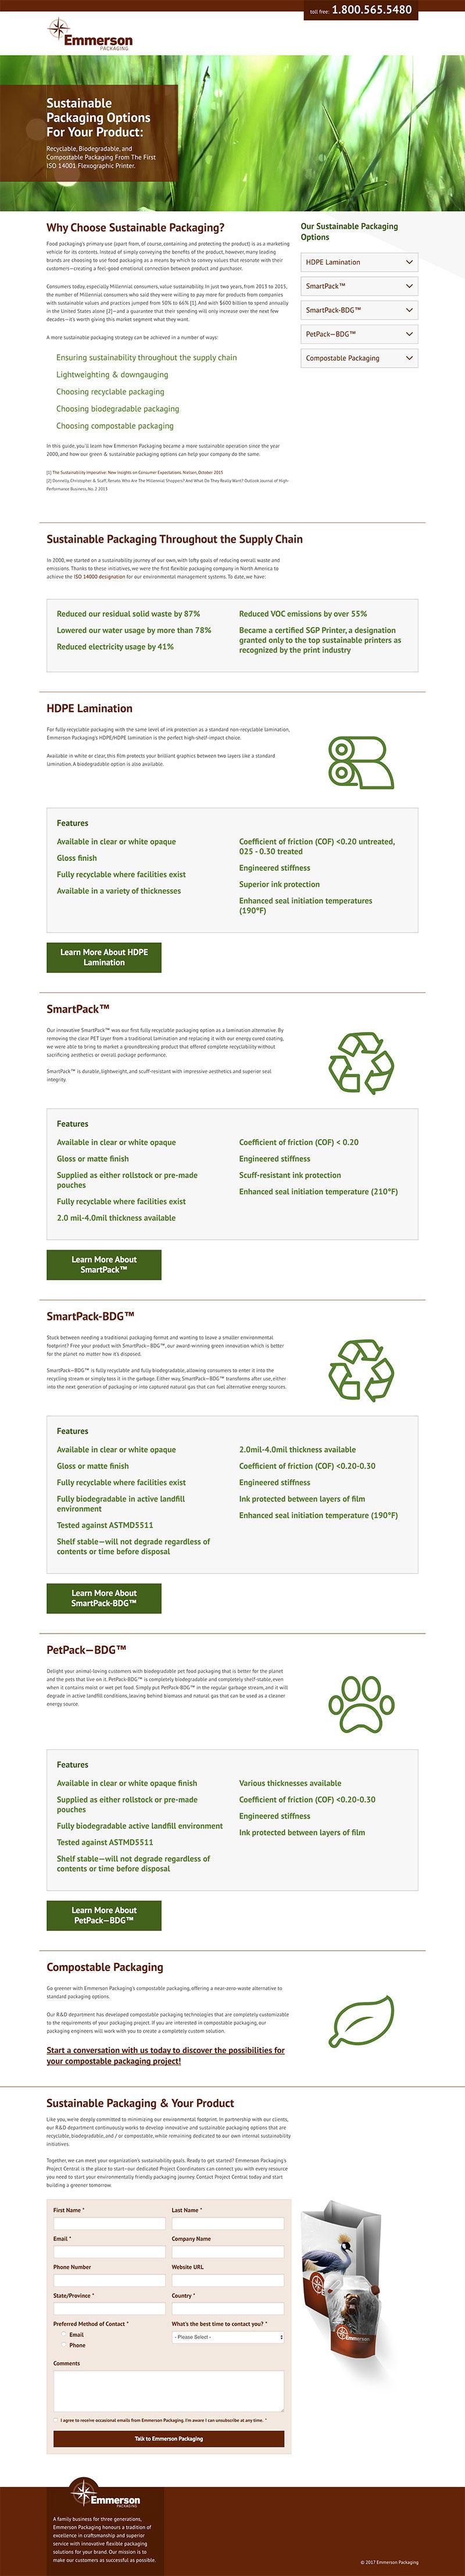 A screenshot of an Emmerson Packaging offer